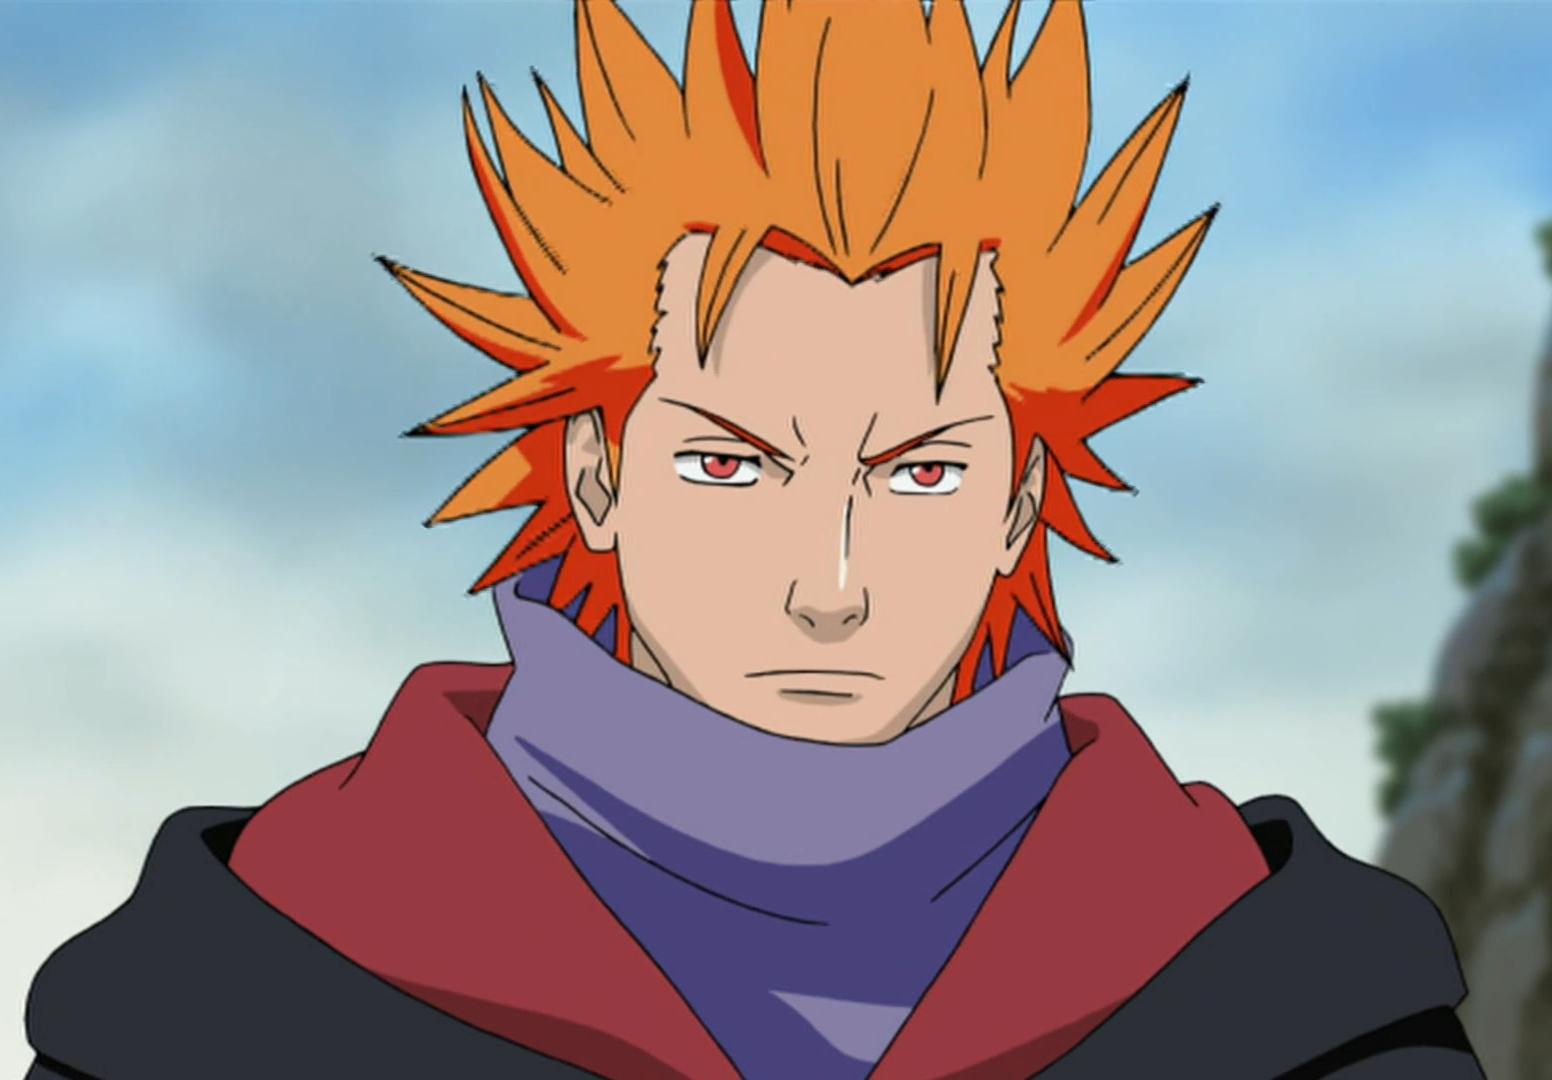 Jūgo | Narutopedia | Fandom powered by Wikia